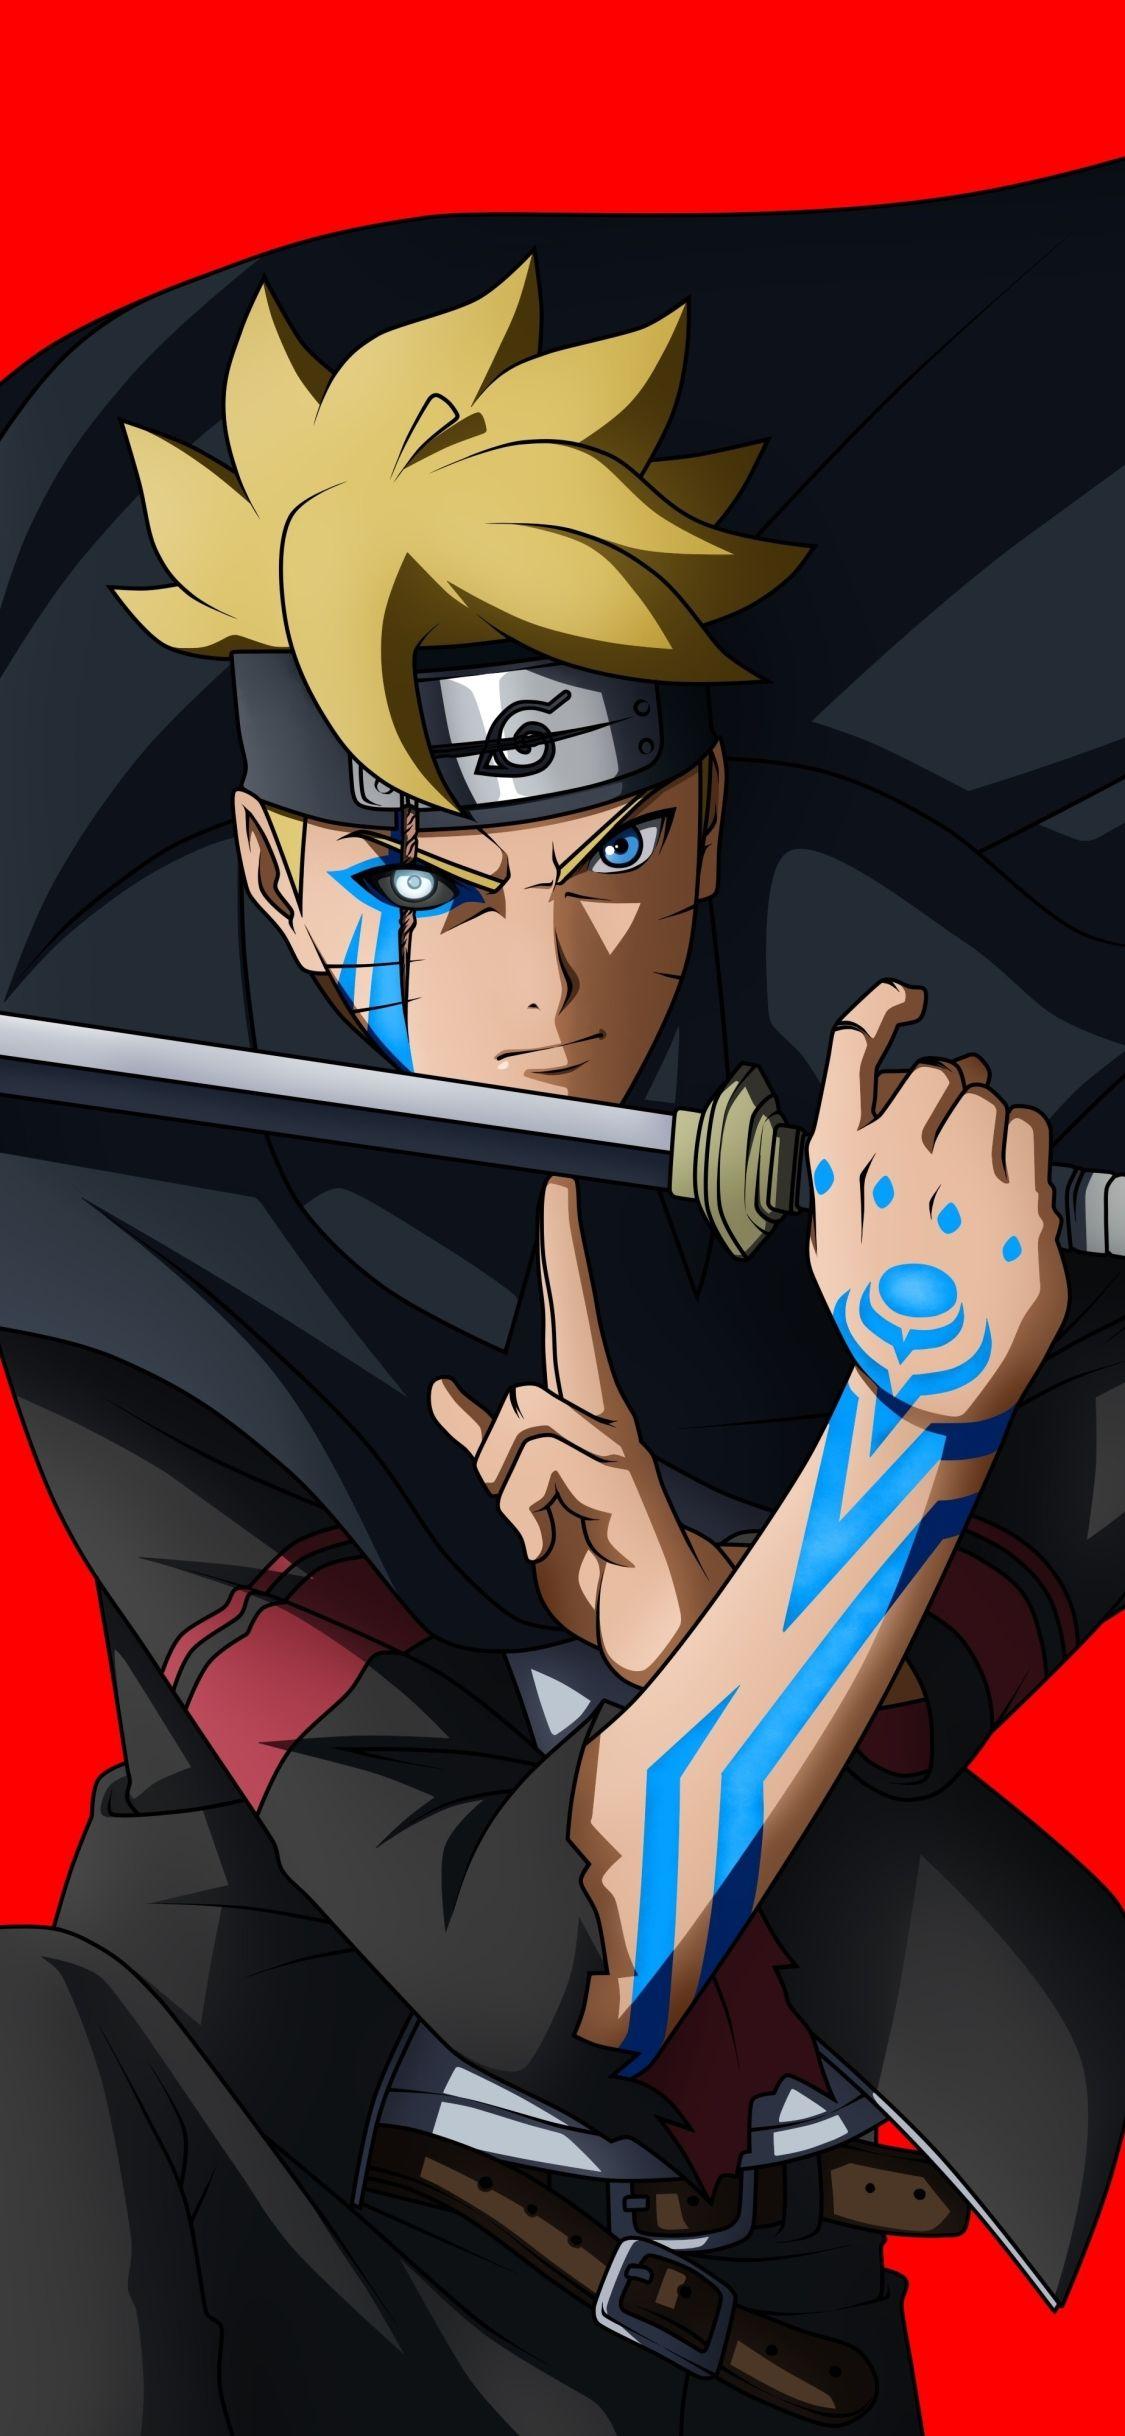 Boruto Uzumaki Boruto Naruto Next Generations Hd Wallpaper Uzumaki Boruto Naruto Uzumaki Art Naruto Wallpaper